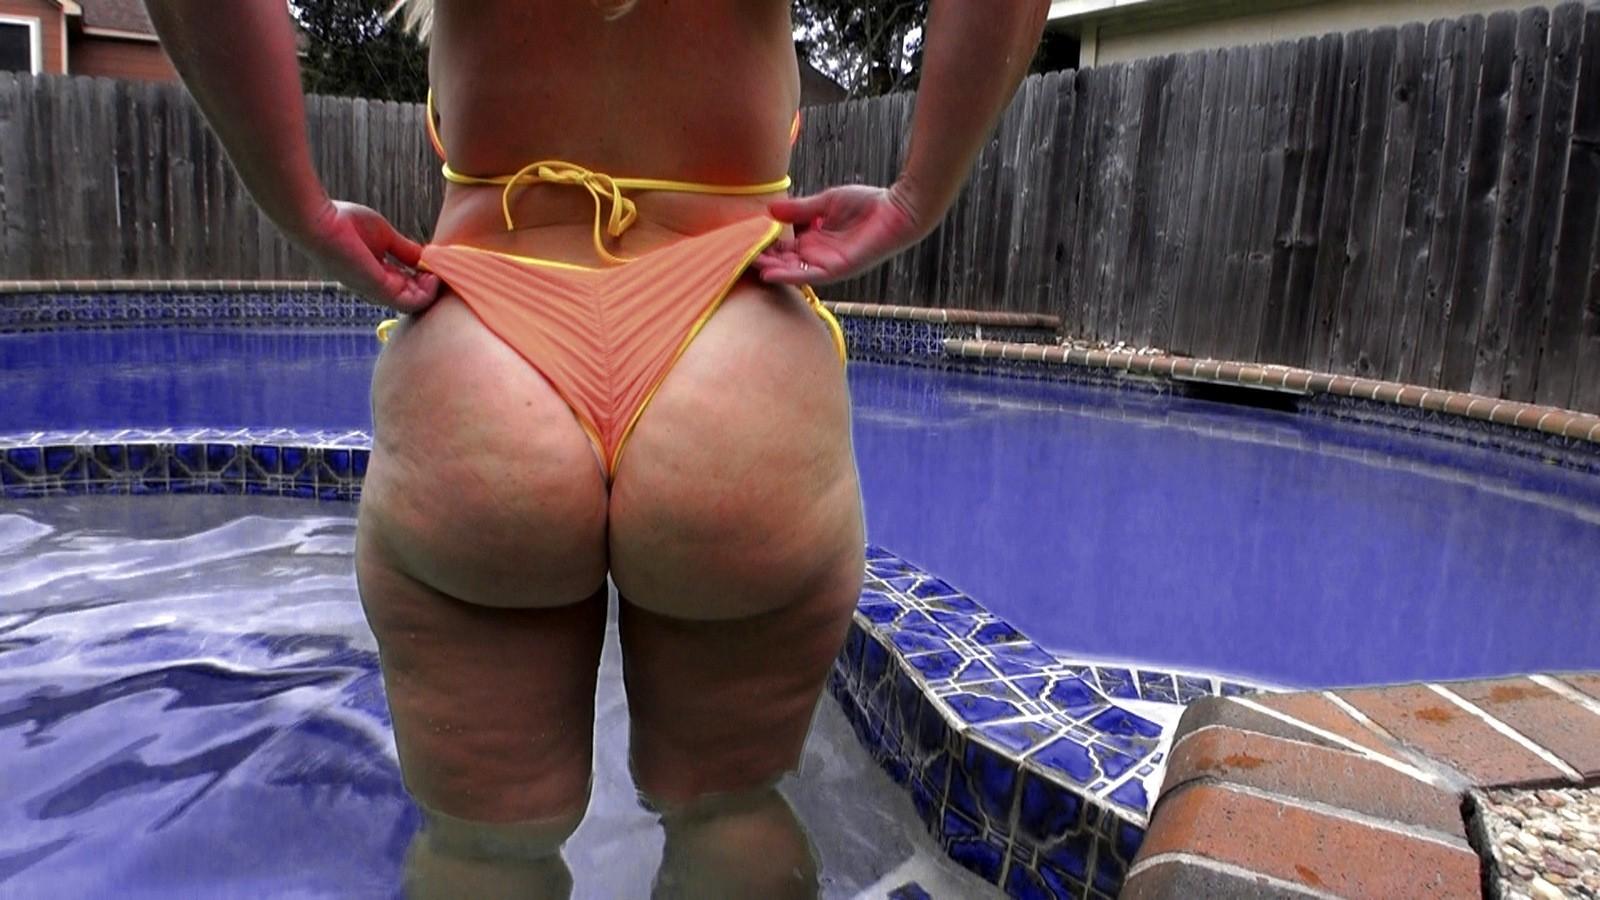 Fat ass bikini porn